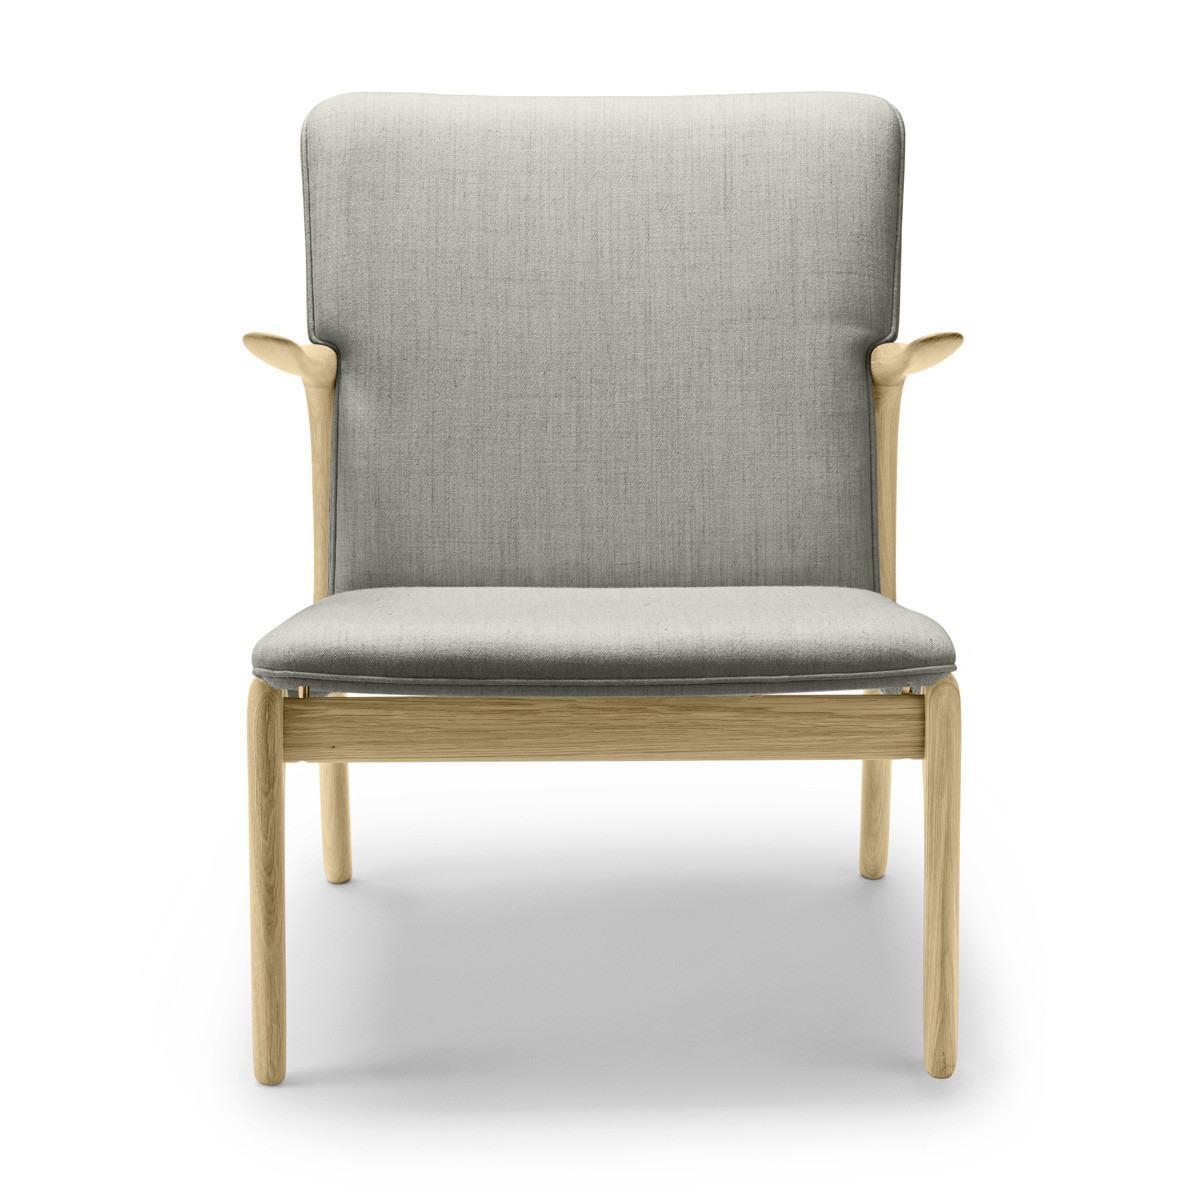 Carl Hansen OW124 Beak Chair - Soaped Oak